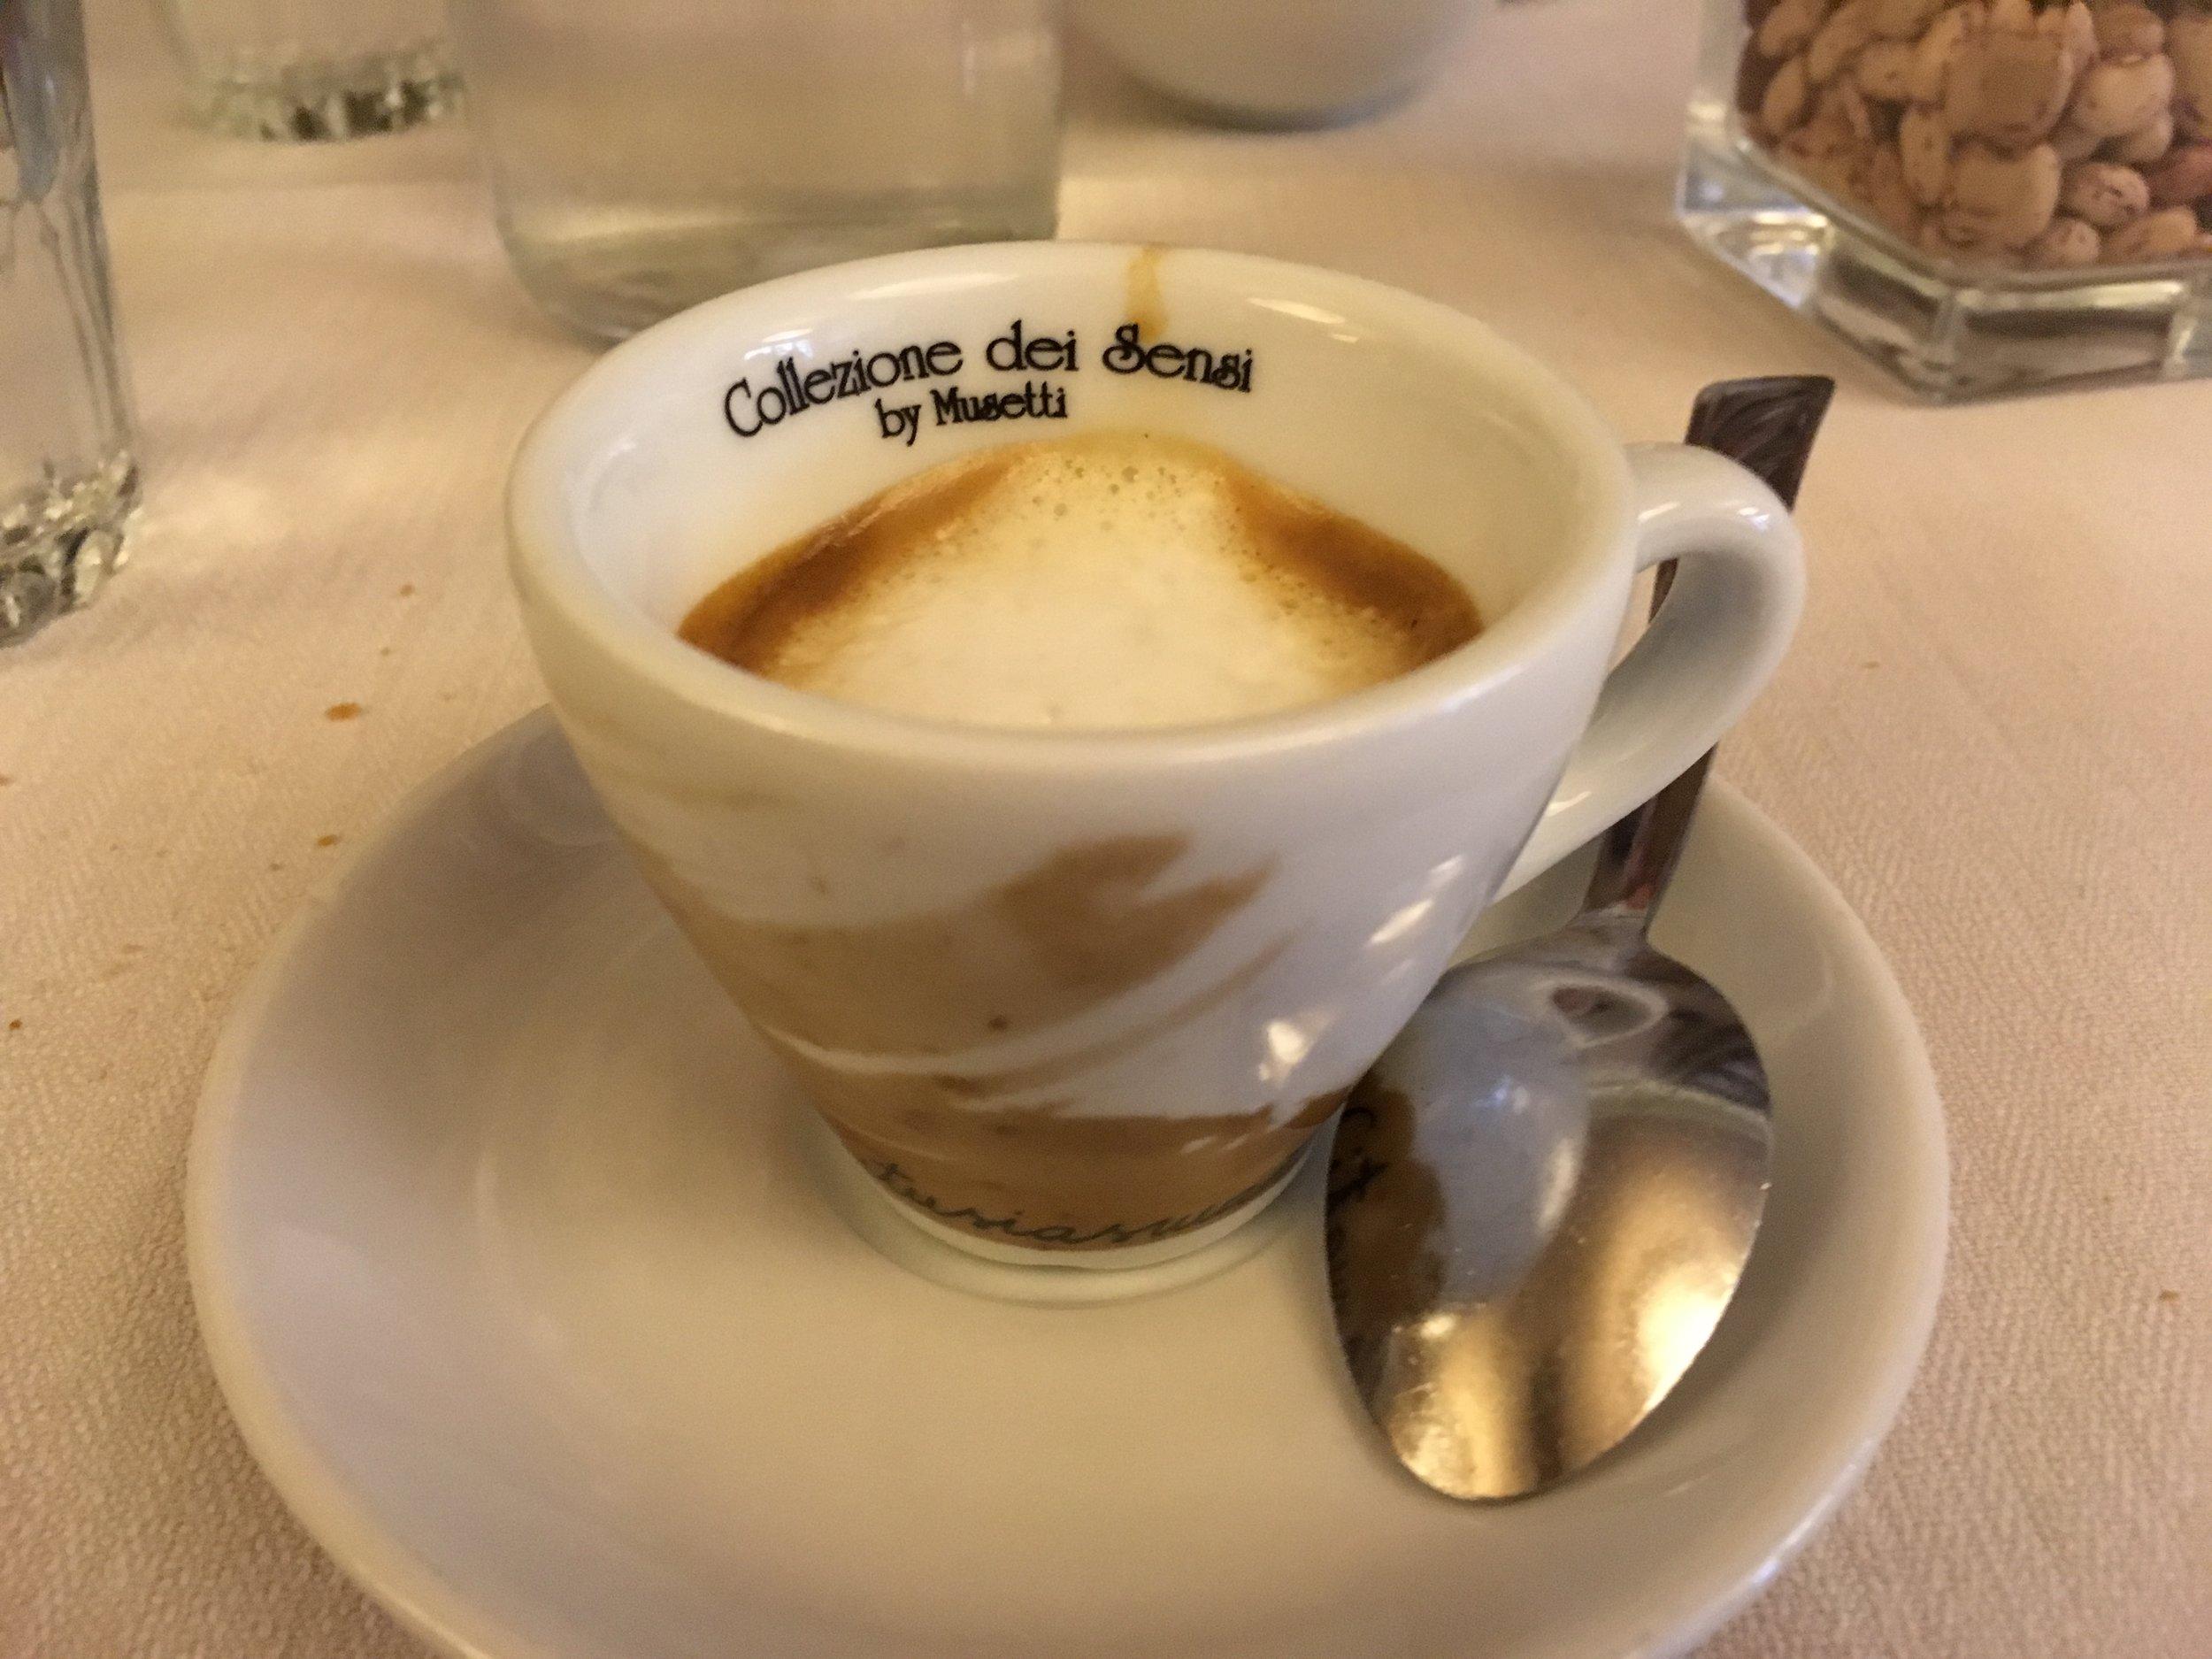 Caffè macchiato - espresso with just a touch of milk.